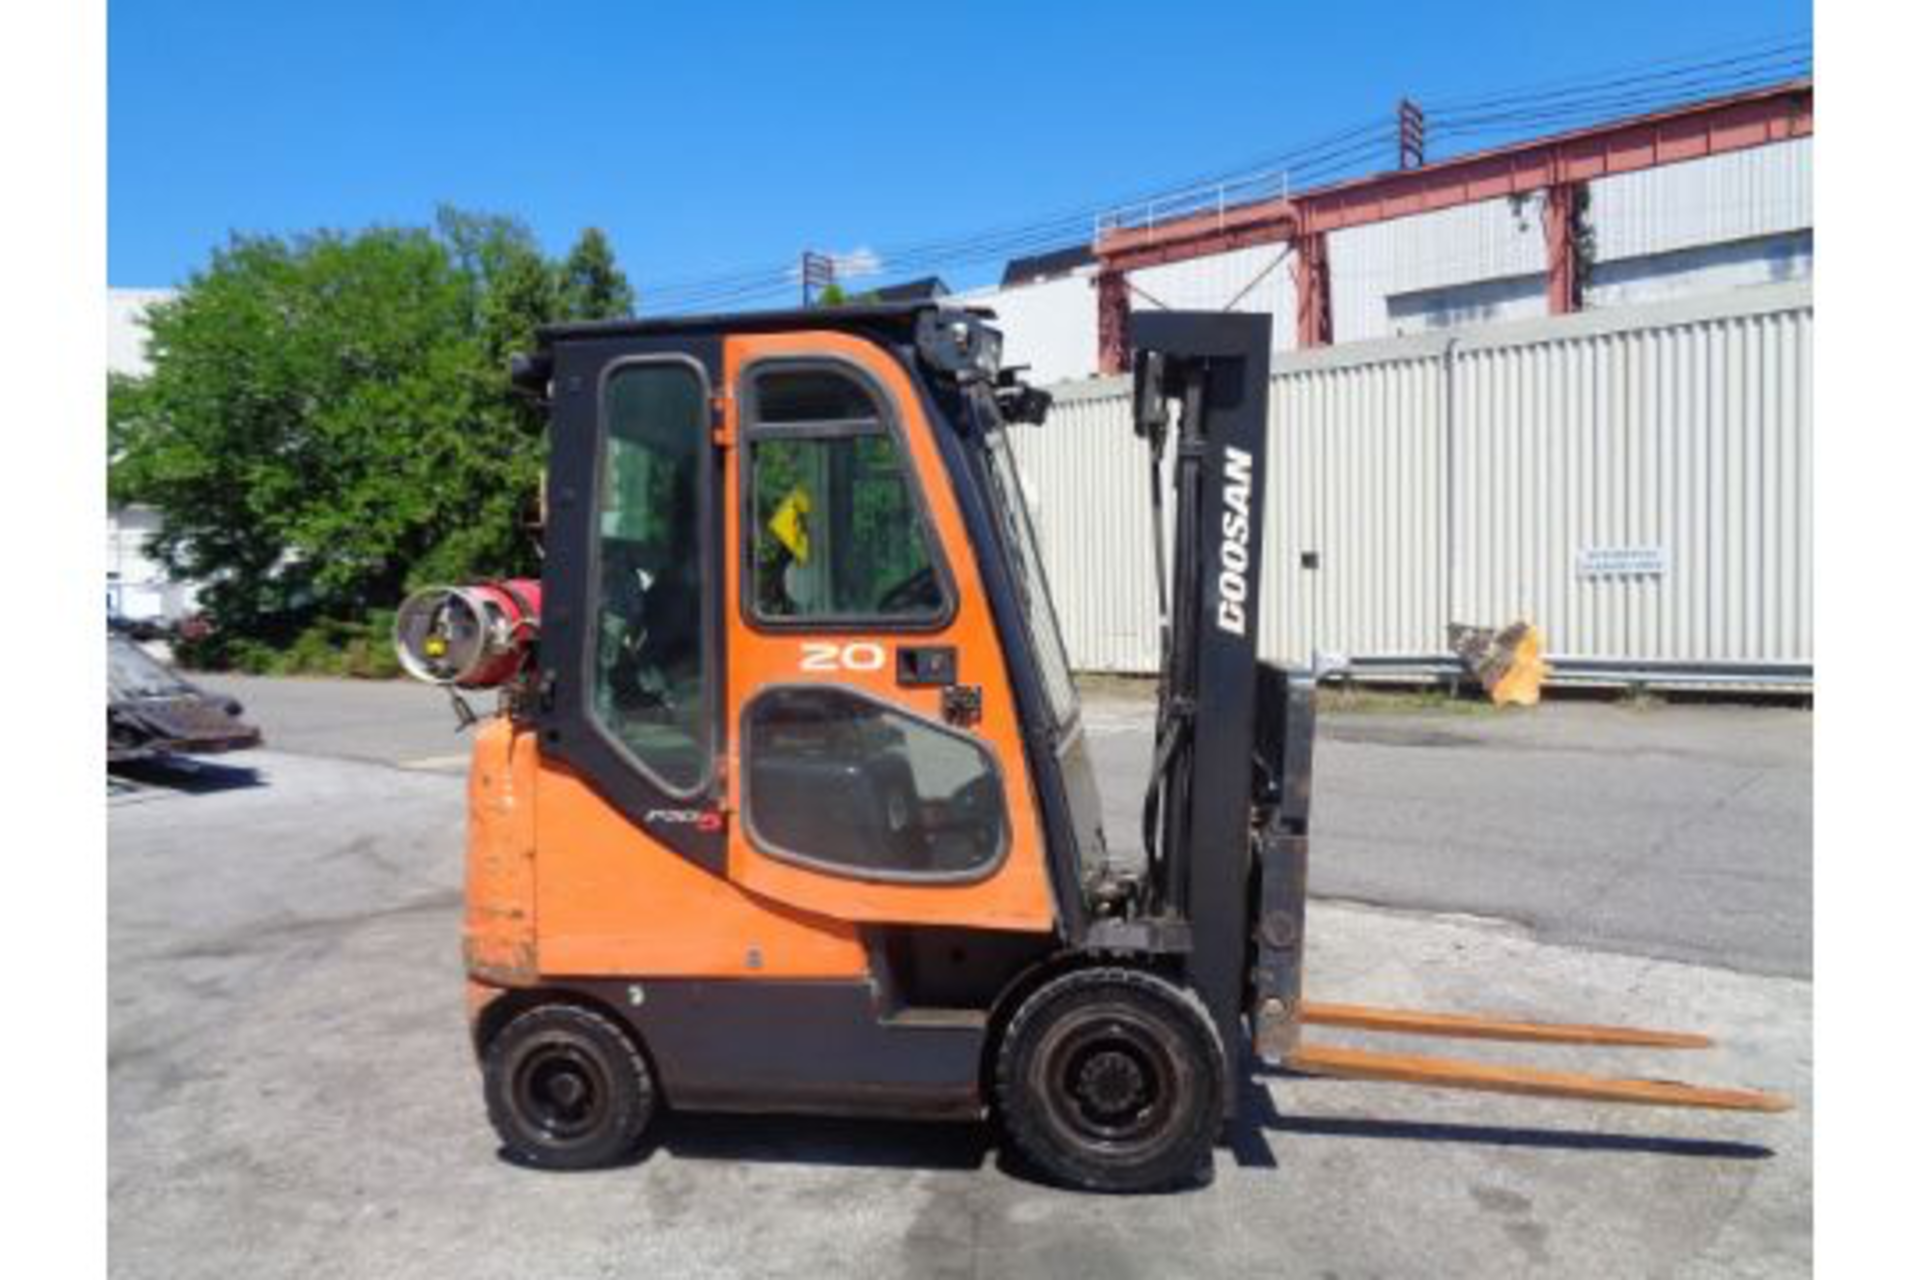 Lot 18 - Doosan G20SC-5 4,000lb Forklift